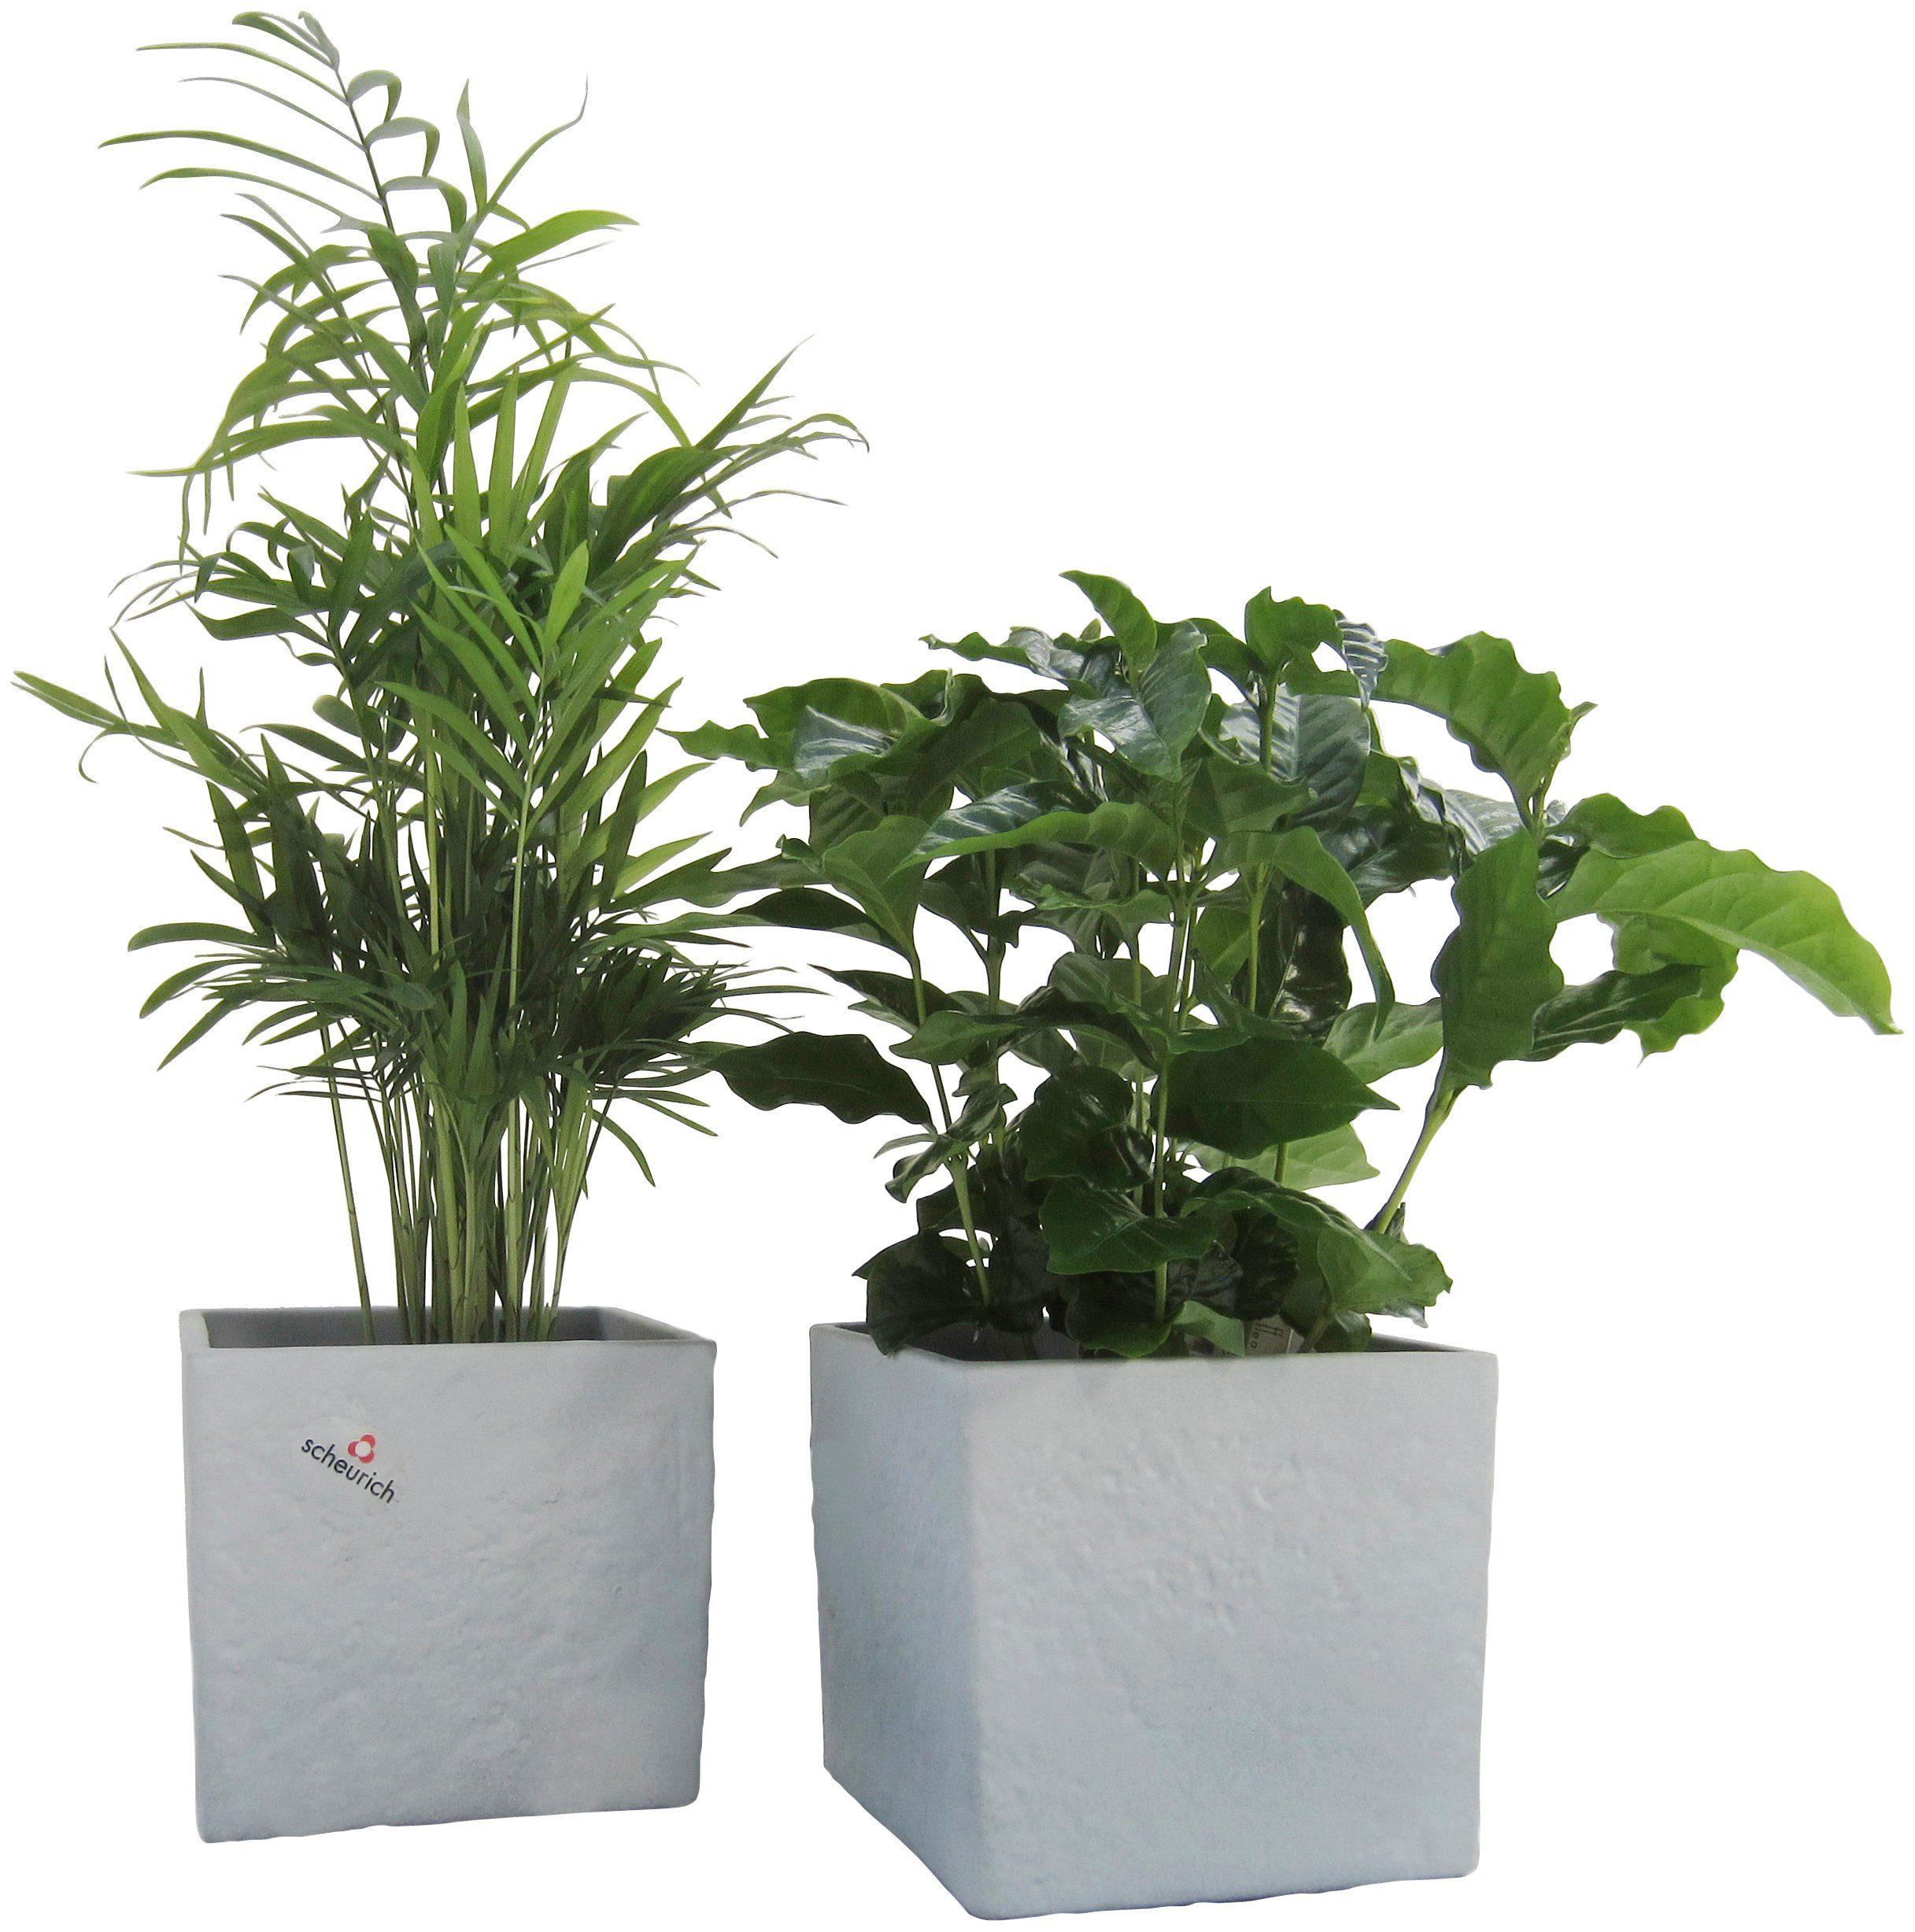 Zimmerpflanze »Palmen-Set«, Höhe: 15 cm, 2 Pflanzen in Dekotöpfen